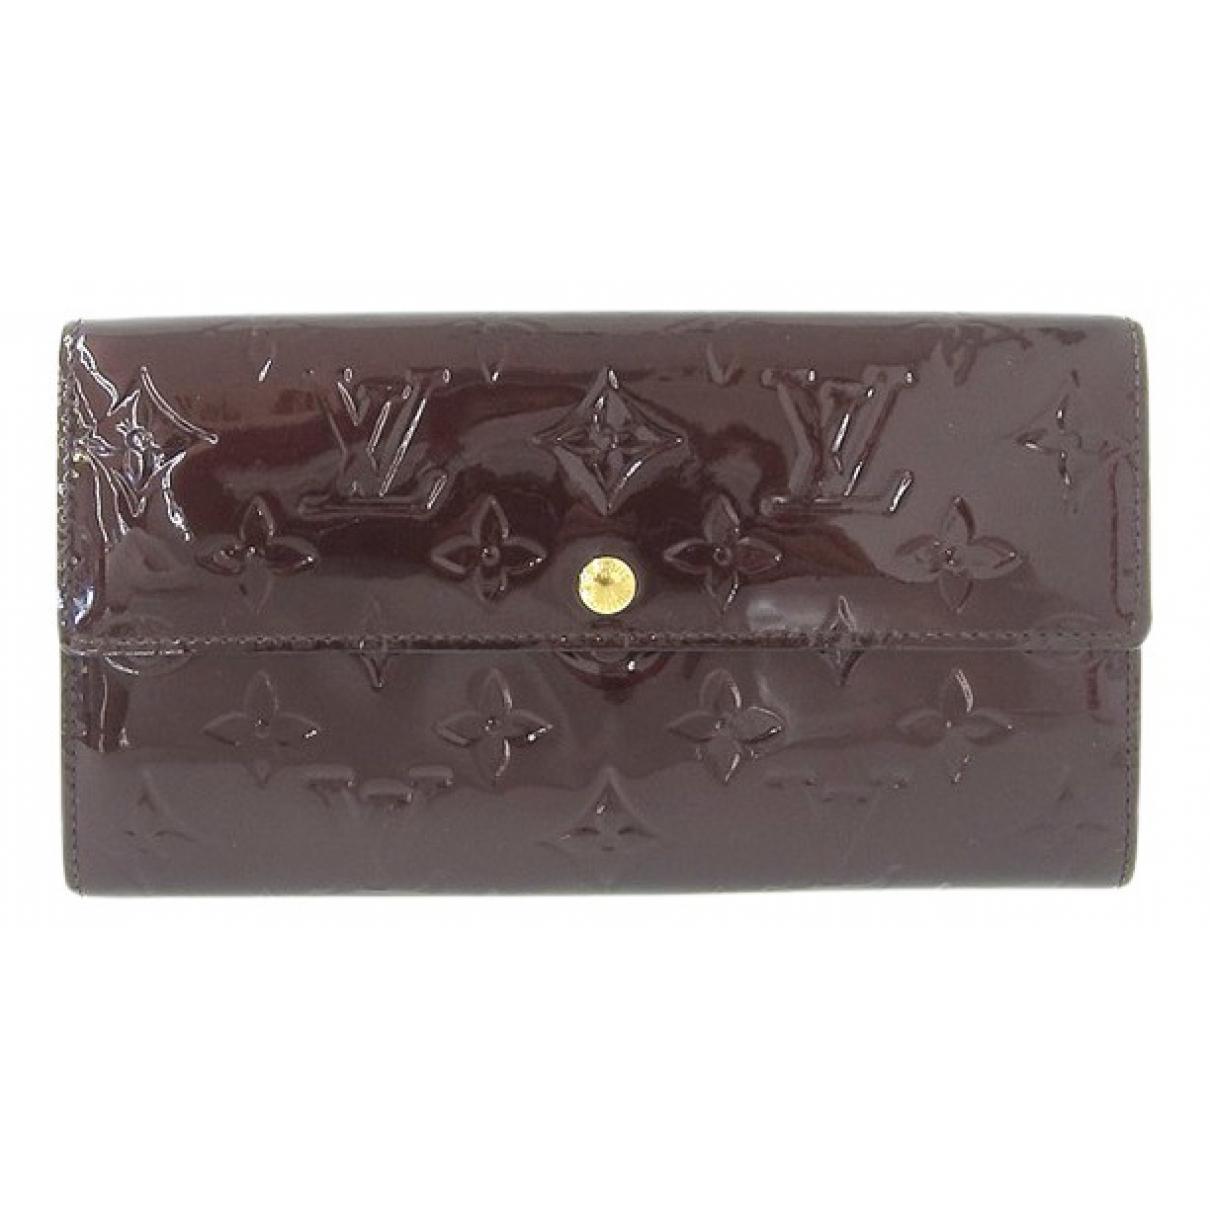 Louis Vuitton - Portefeuille Sarah pour femme en cuir verni - violet